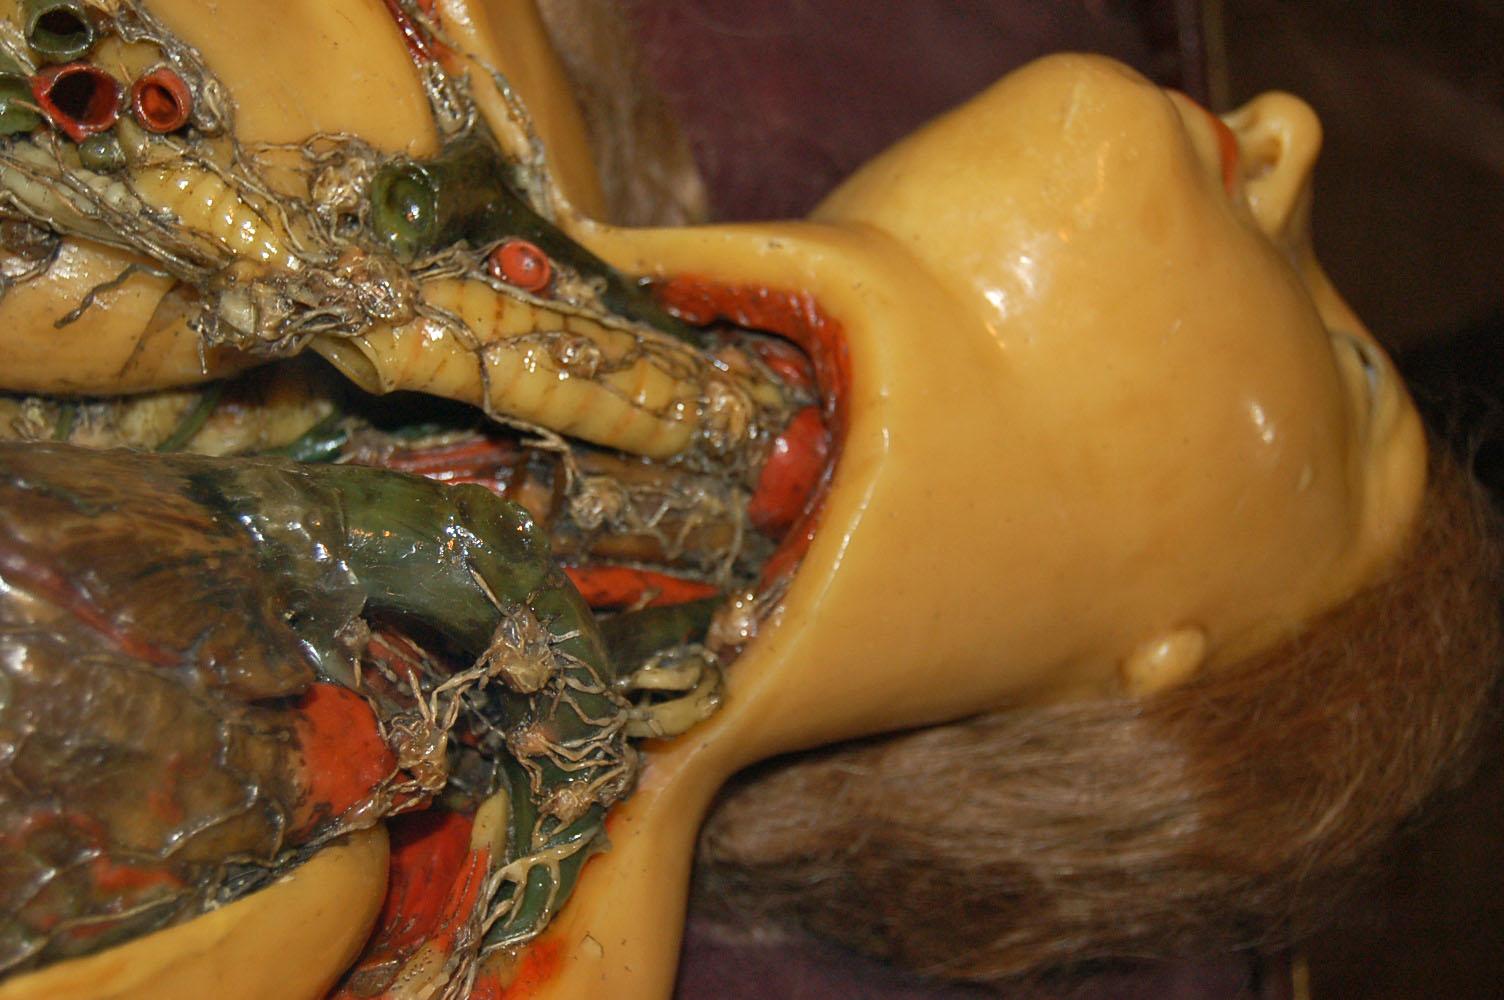 (グロ注意)女の子の解剖・内臓画像 5体目YouTube動画>8本 ニコニコ動画>1本 ->画像>306枚